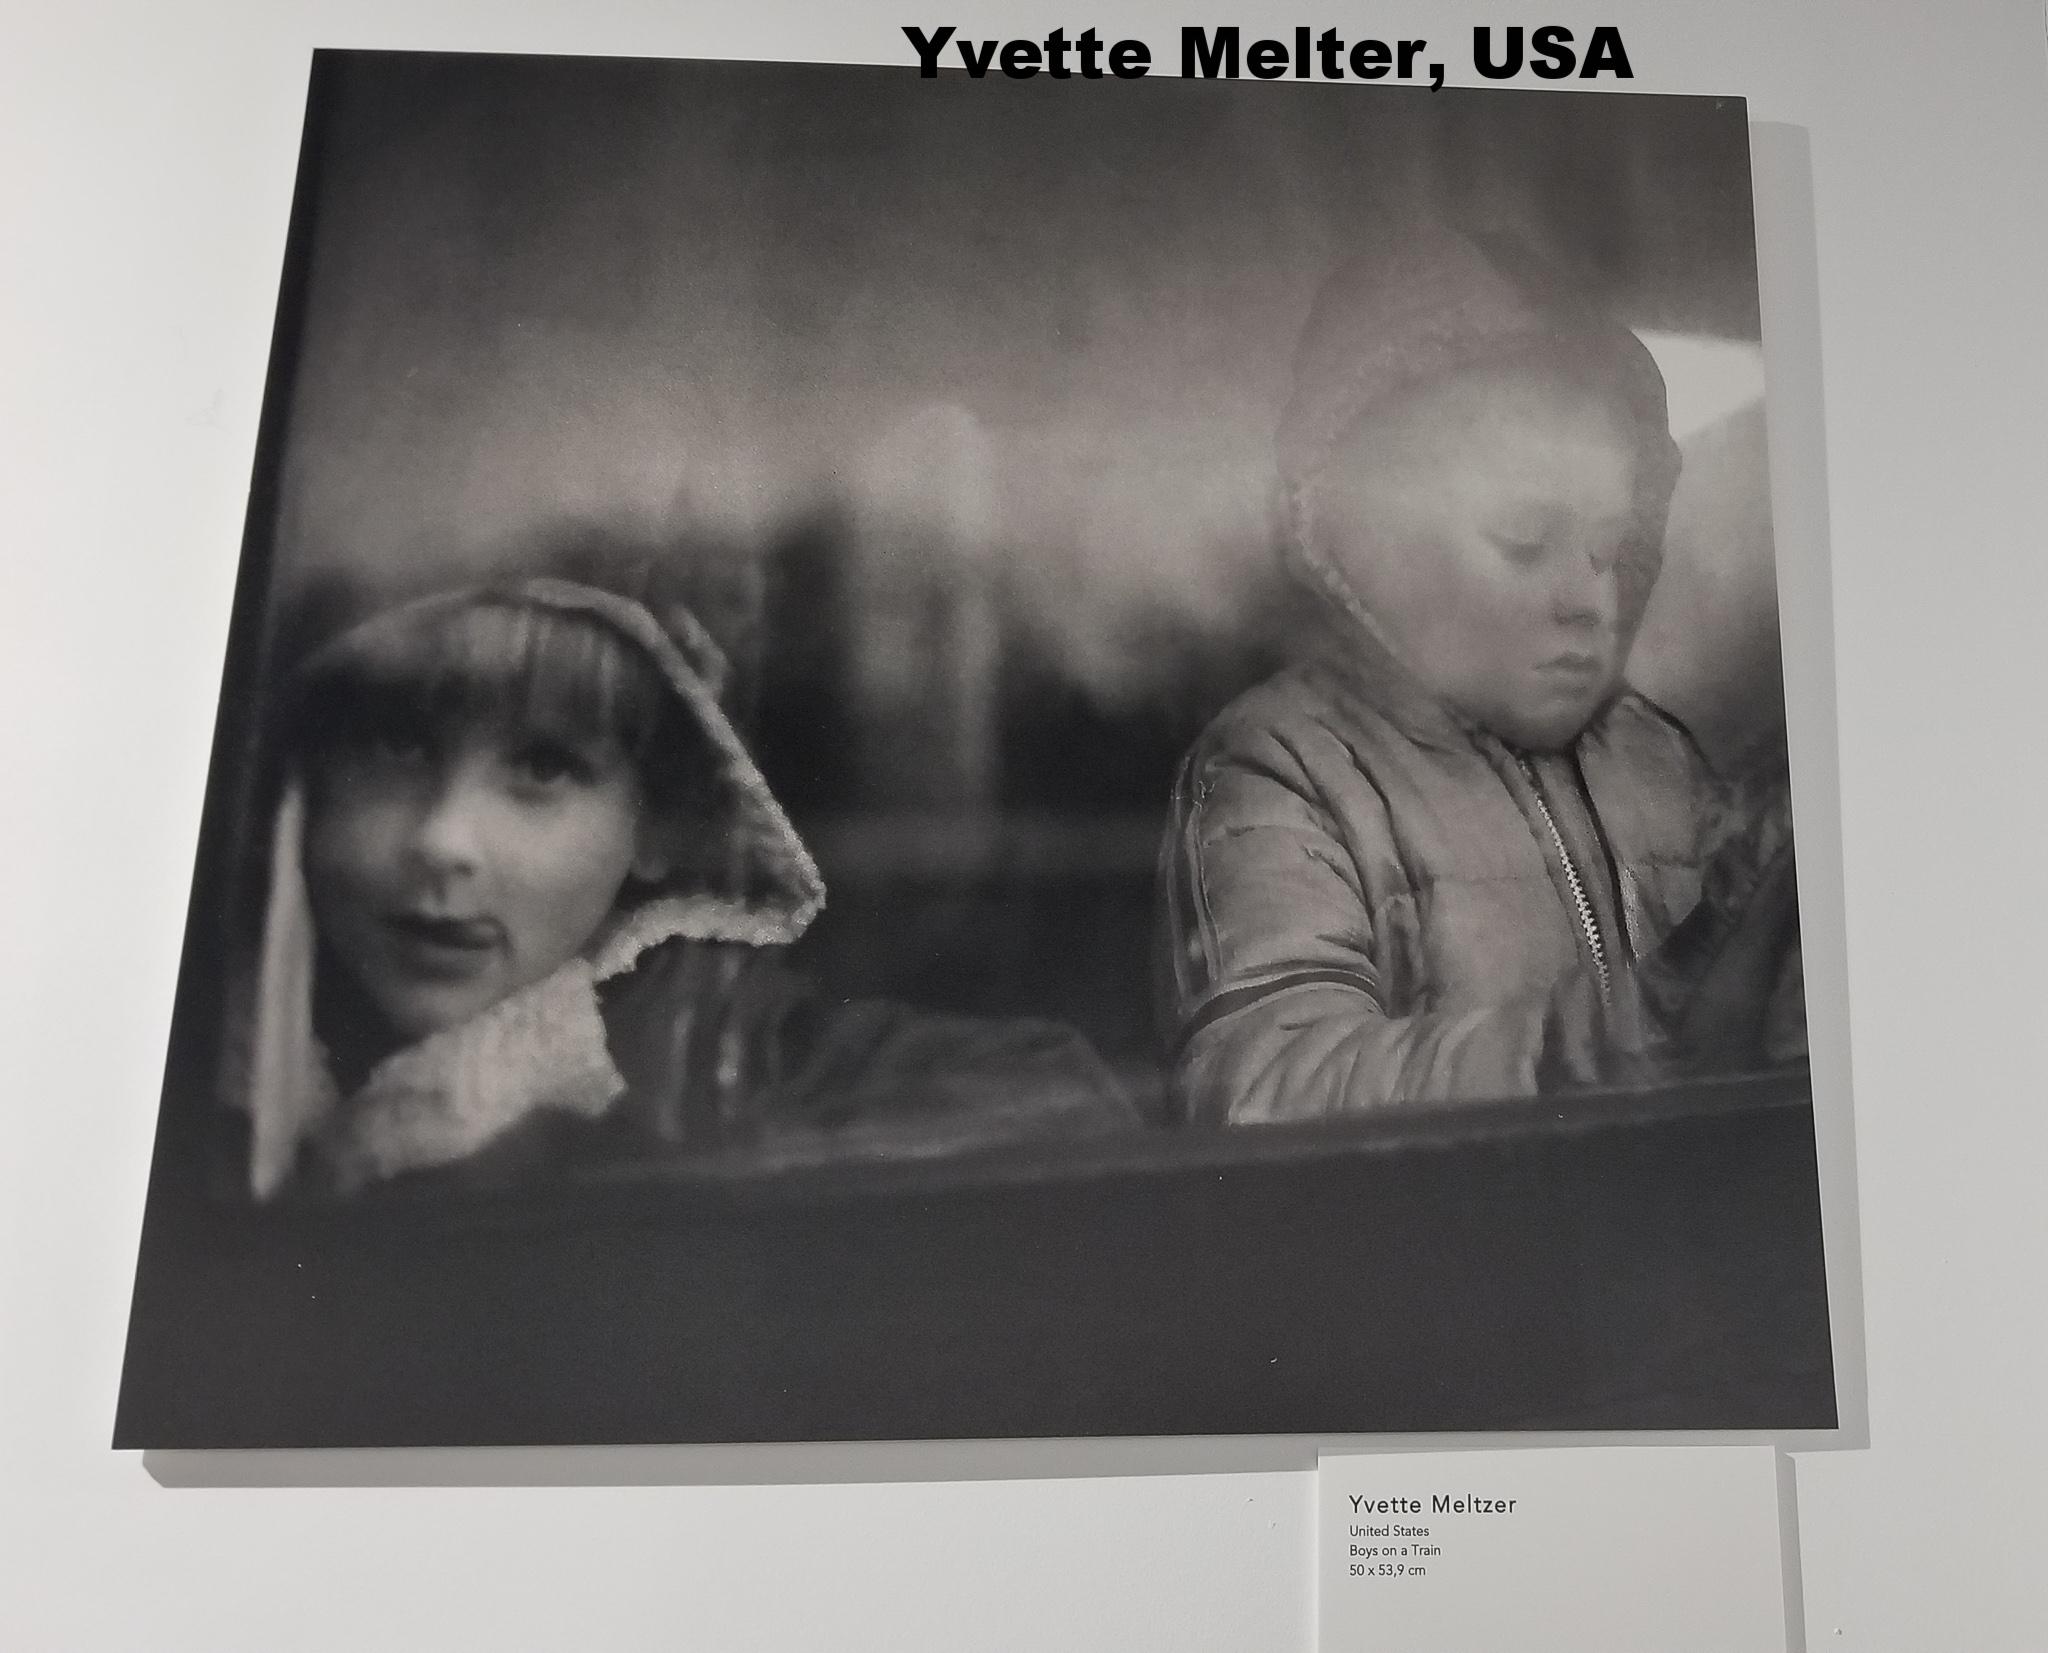 Yvette Melter, United States